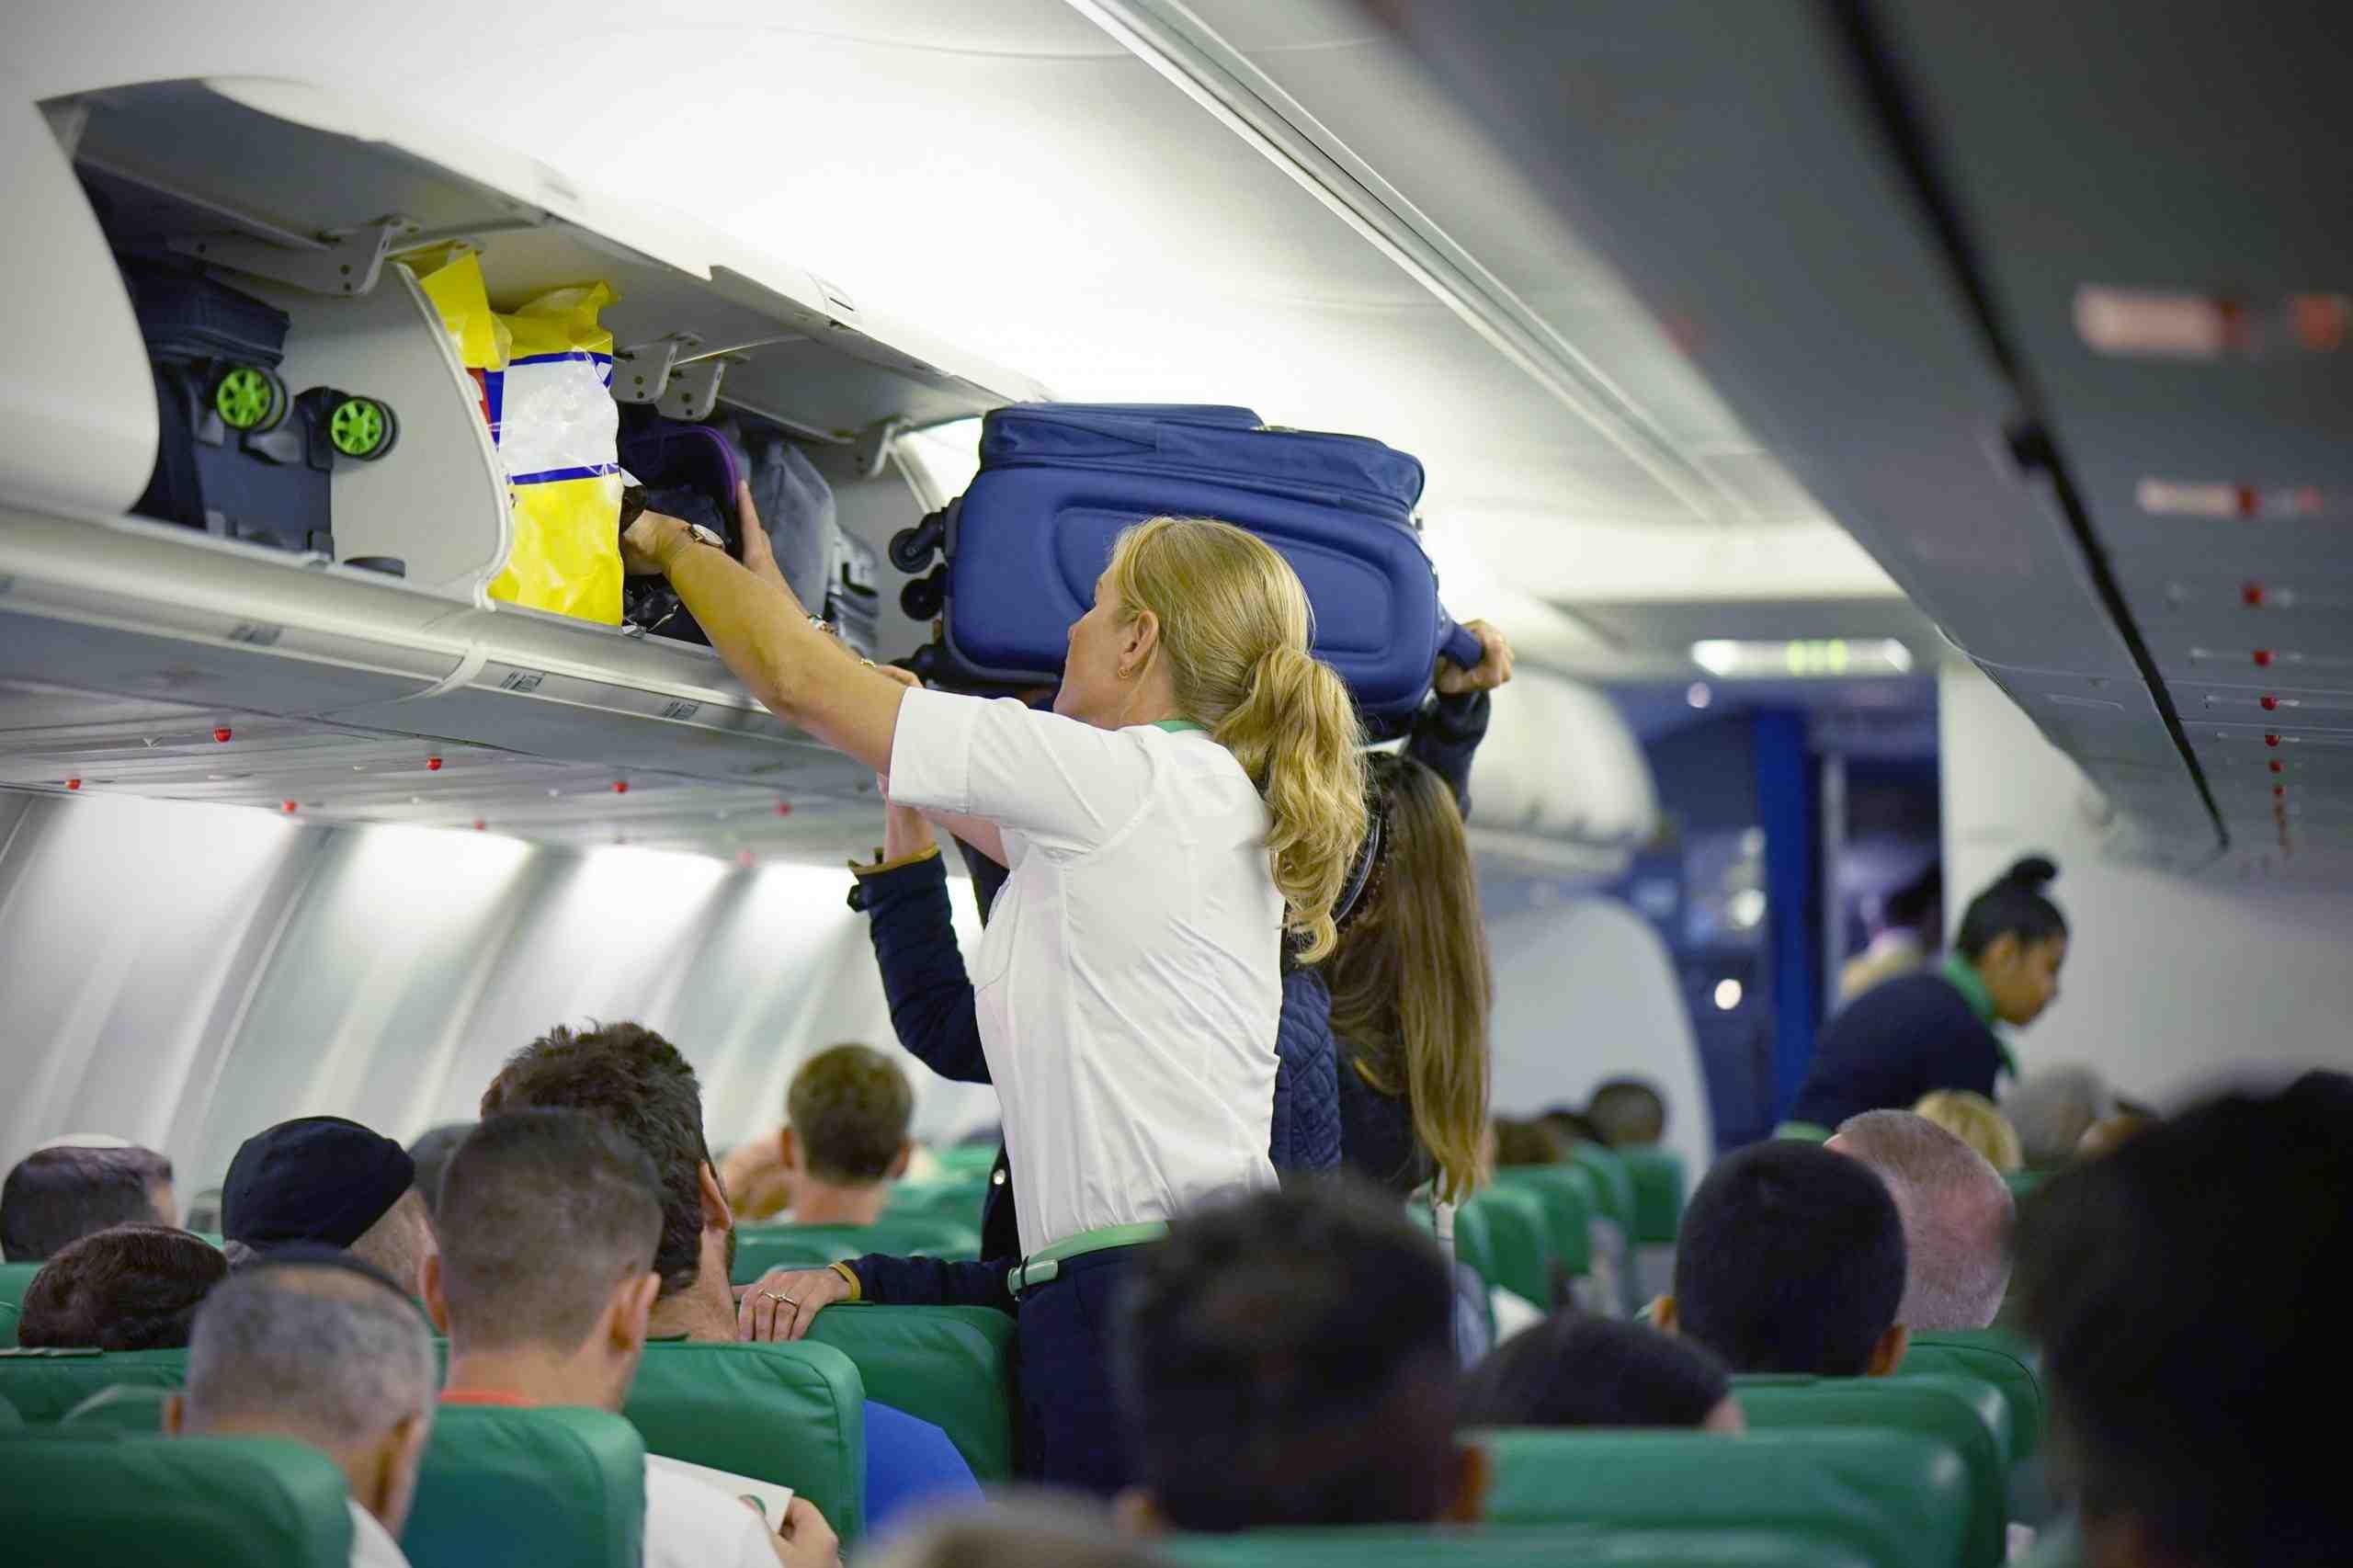 Flugbegleiterin erklärt, wieso sie Gäste vor dem Flug genau mustert